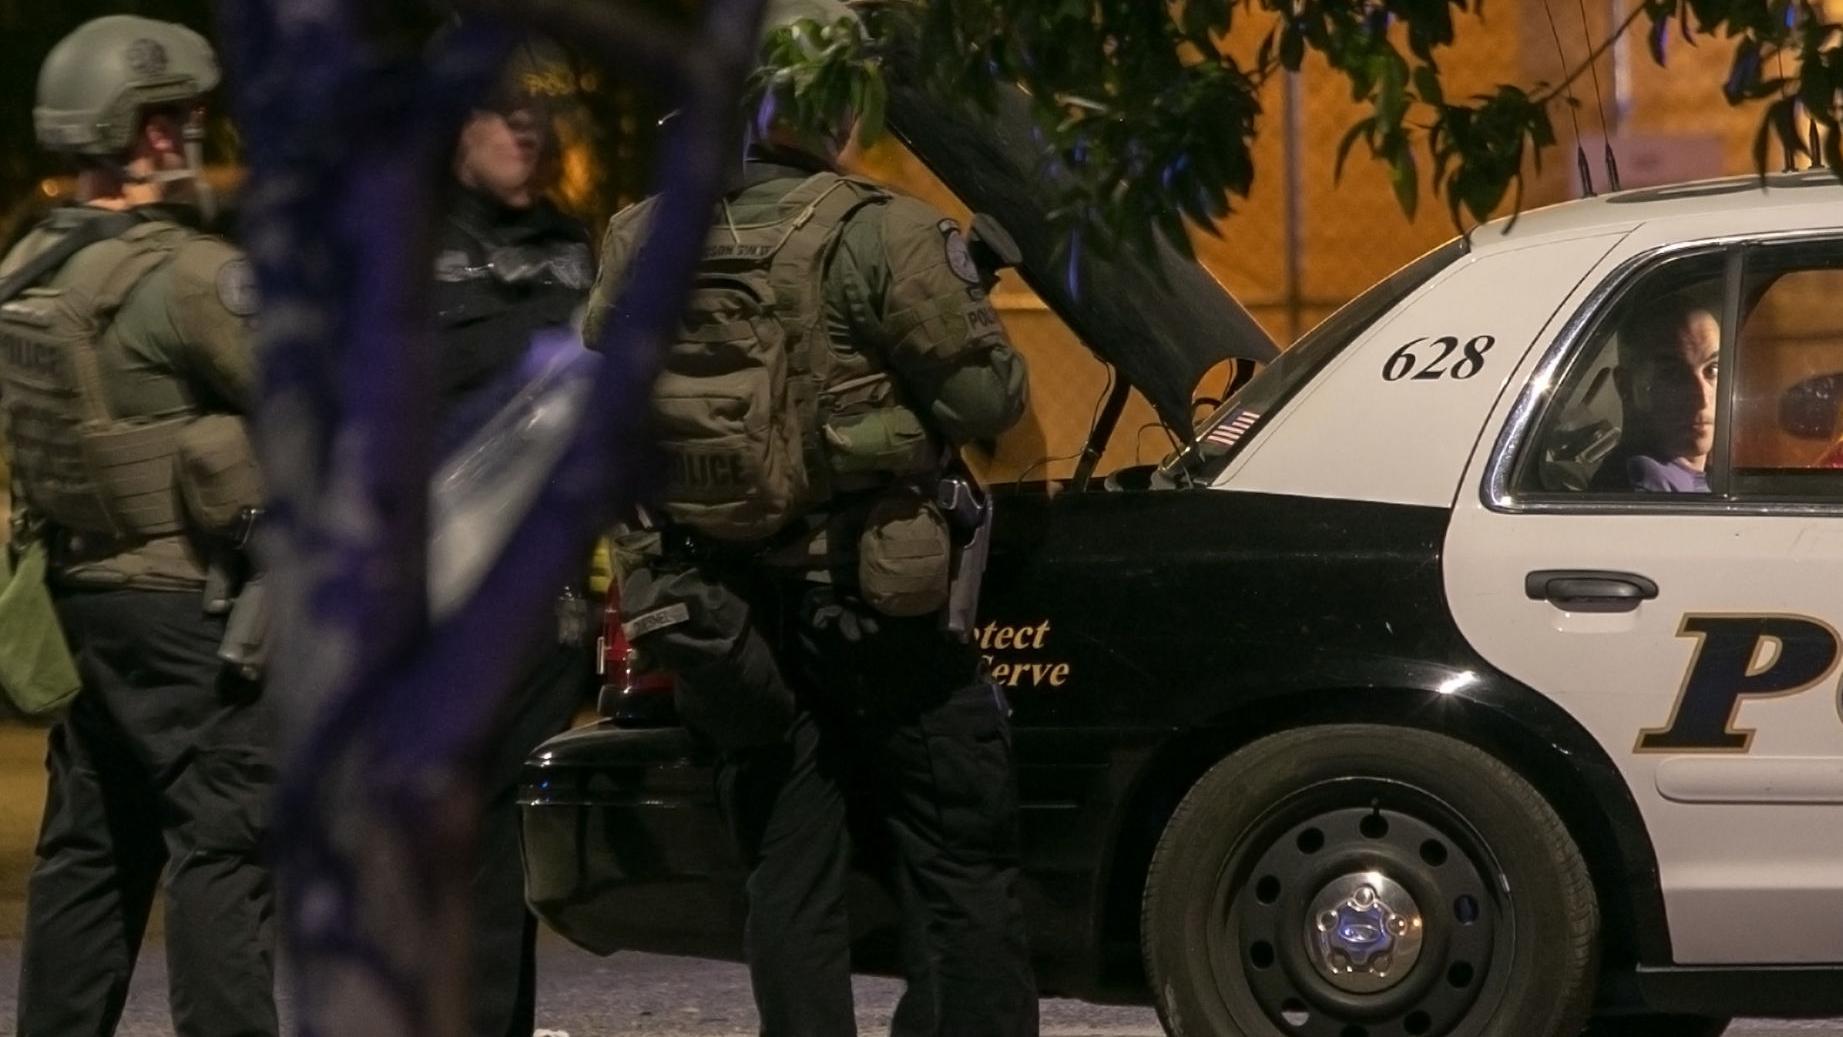 Deputy US marshal shot and killed serving arrest warrant on Tucson's north side